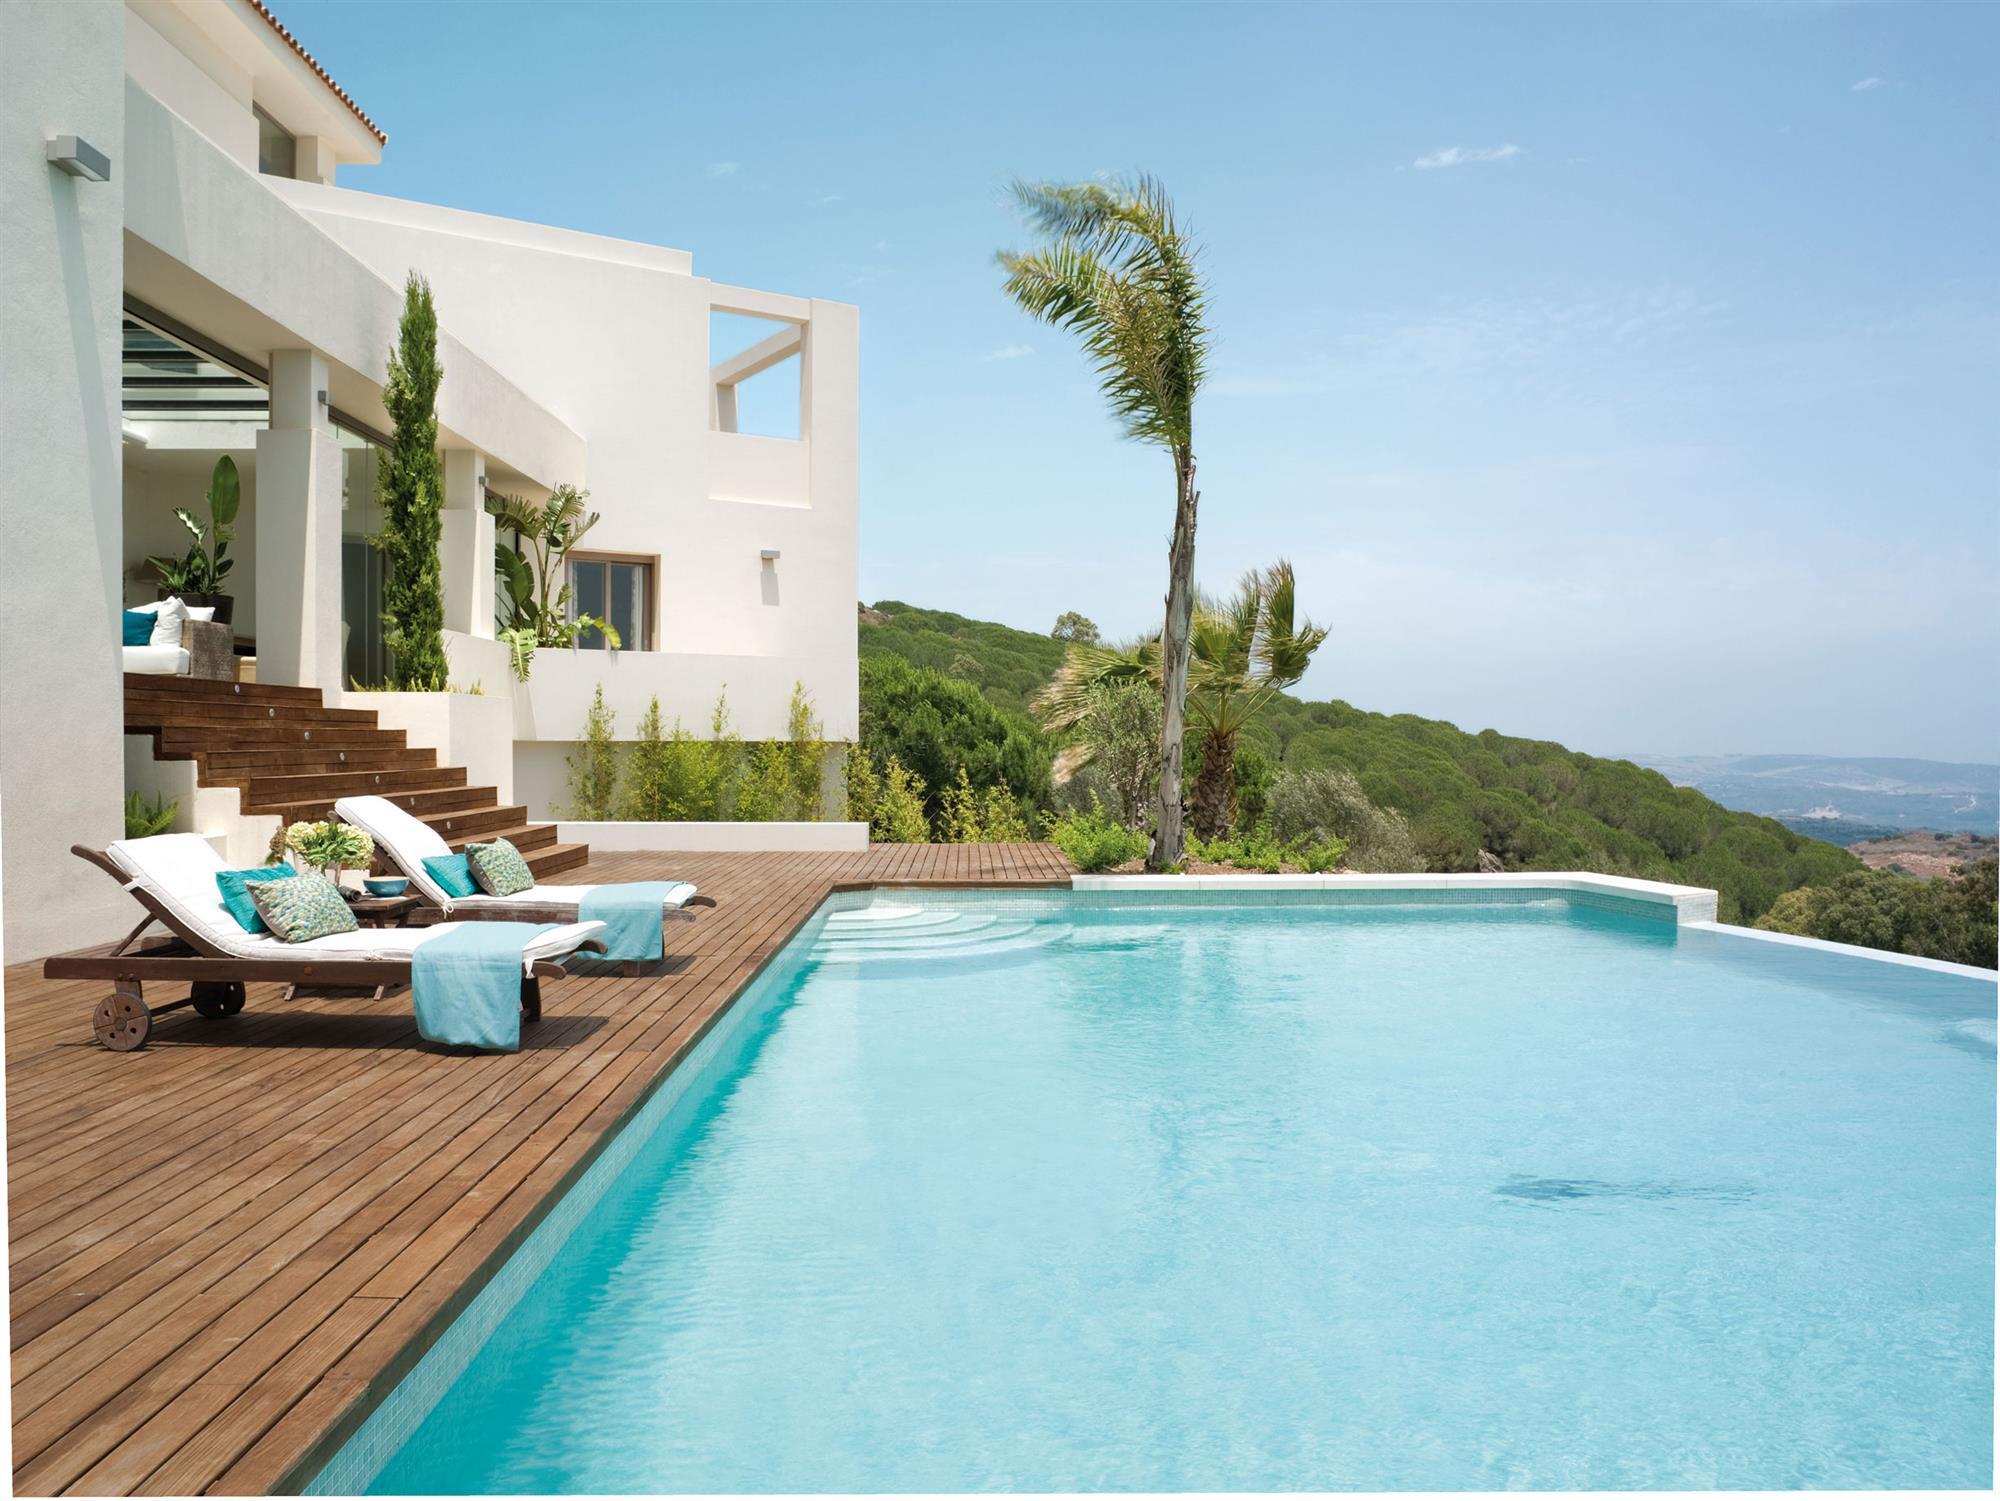 209 fotos de piscinas - Coste mantenimiento piscina ...